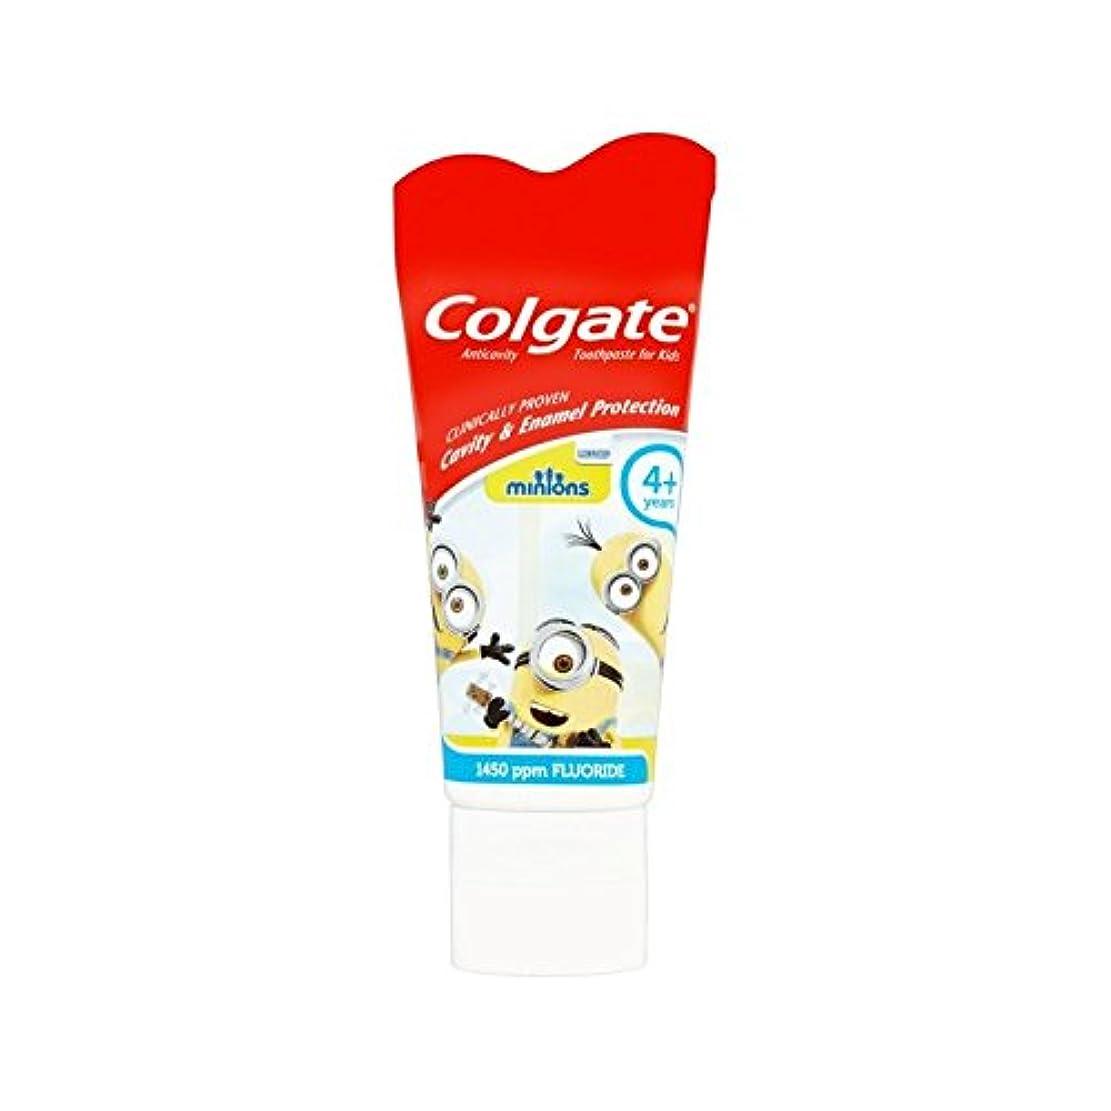 感謝祭頬腐った手下の子供4+歯磨き粉50ミリリットル (Colgate) - Colgate Minions Kids 4+ Toothpaste 50ml [並行輸入品]